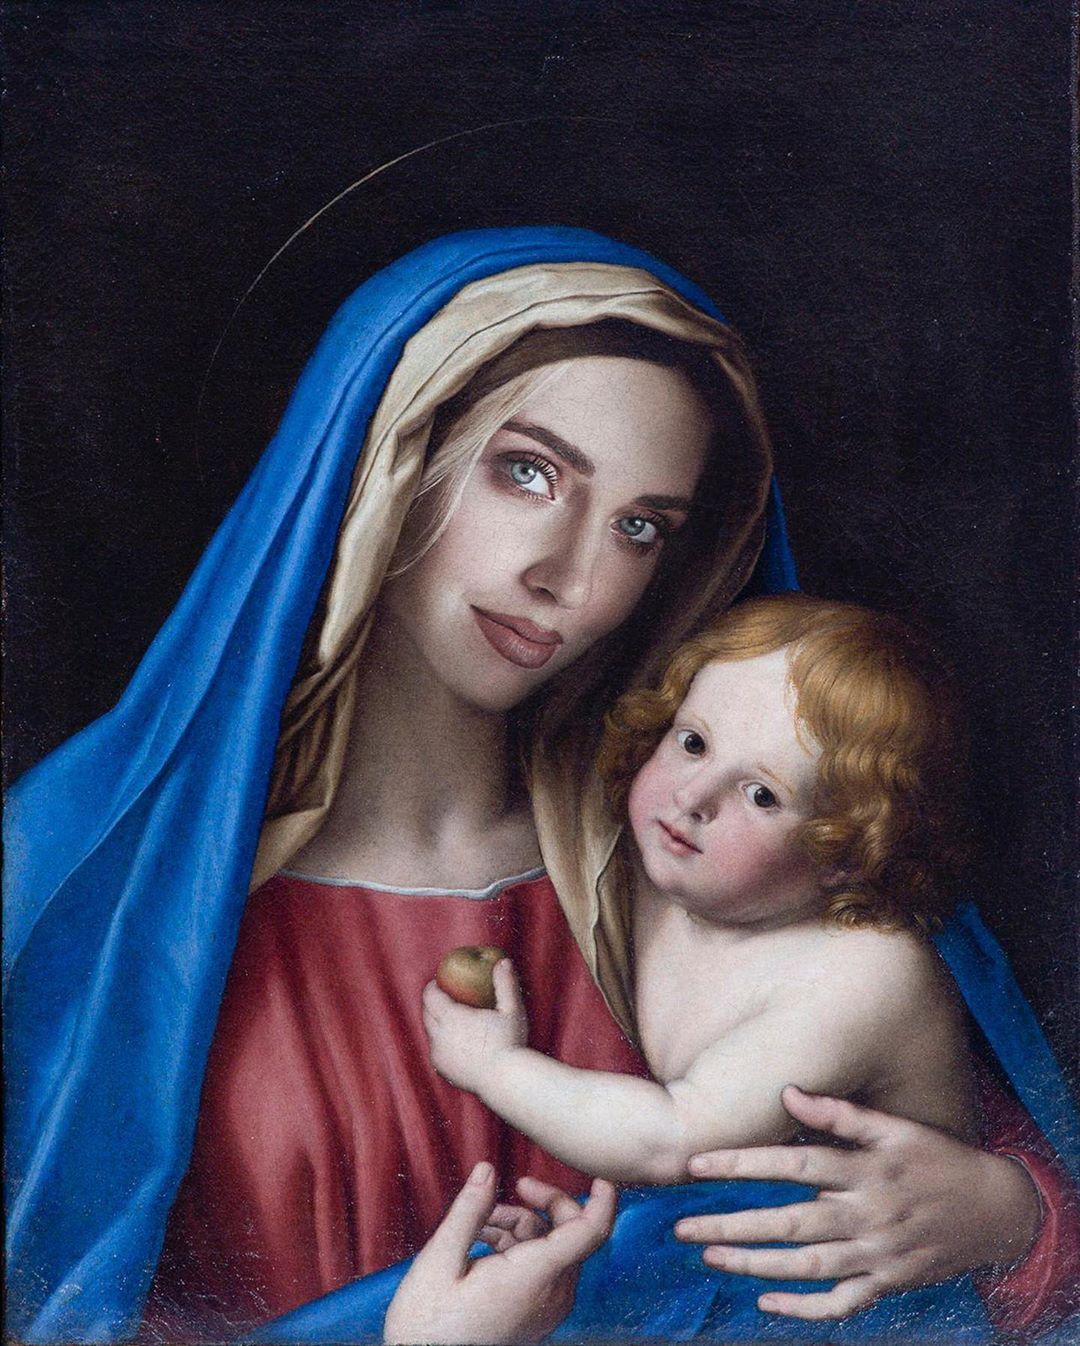 Chiara Ferragni nelle vesti della Madonna